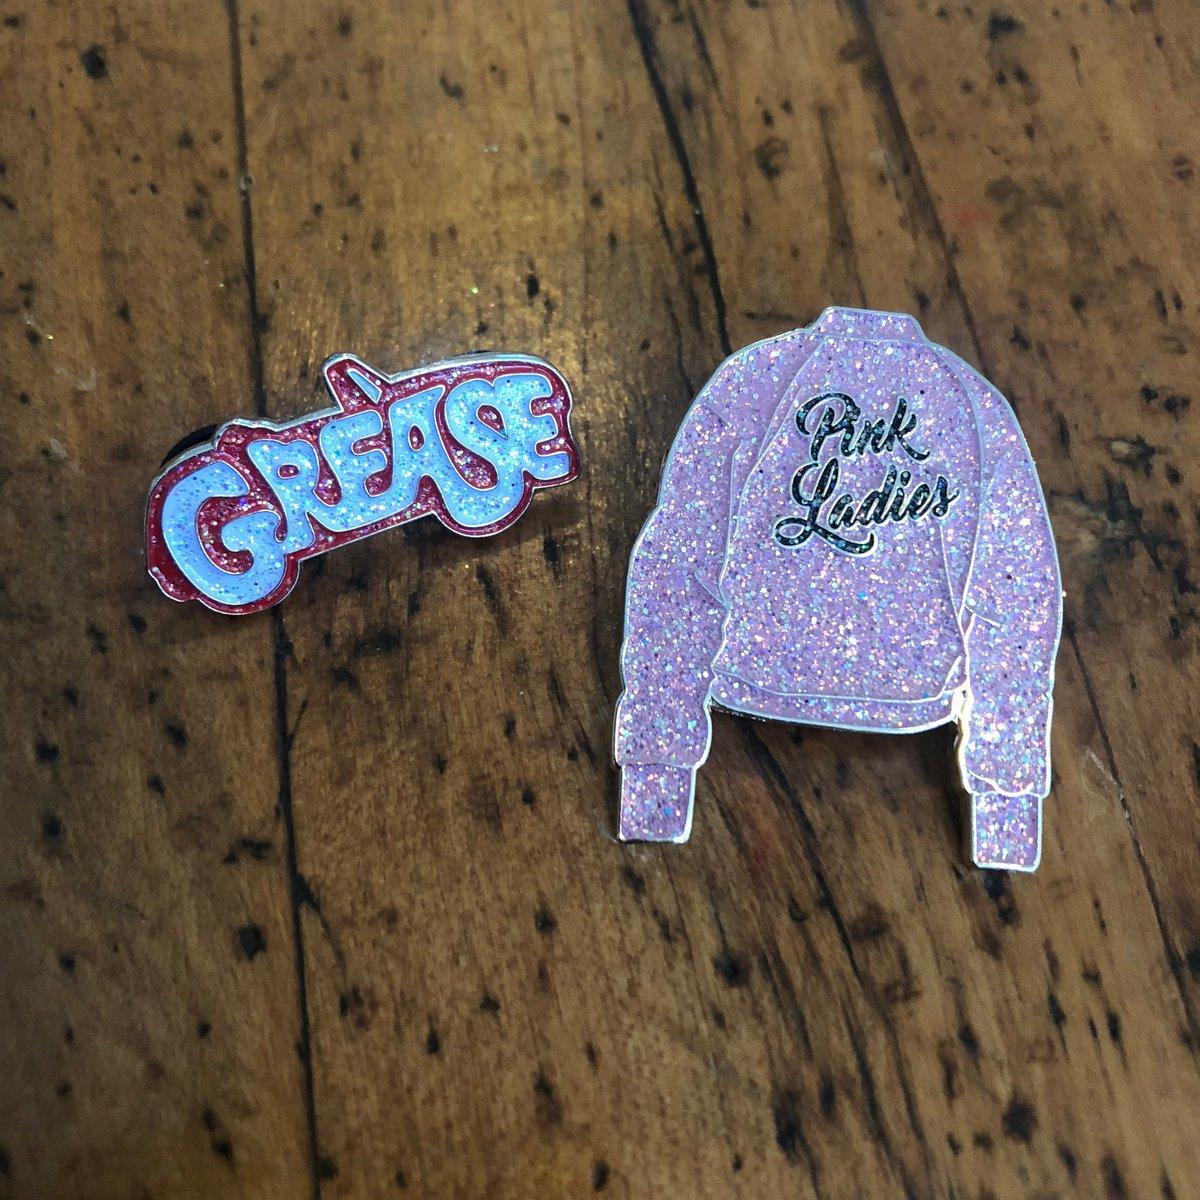 Image of GREASE pins